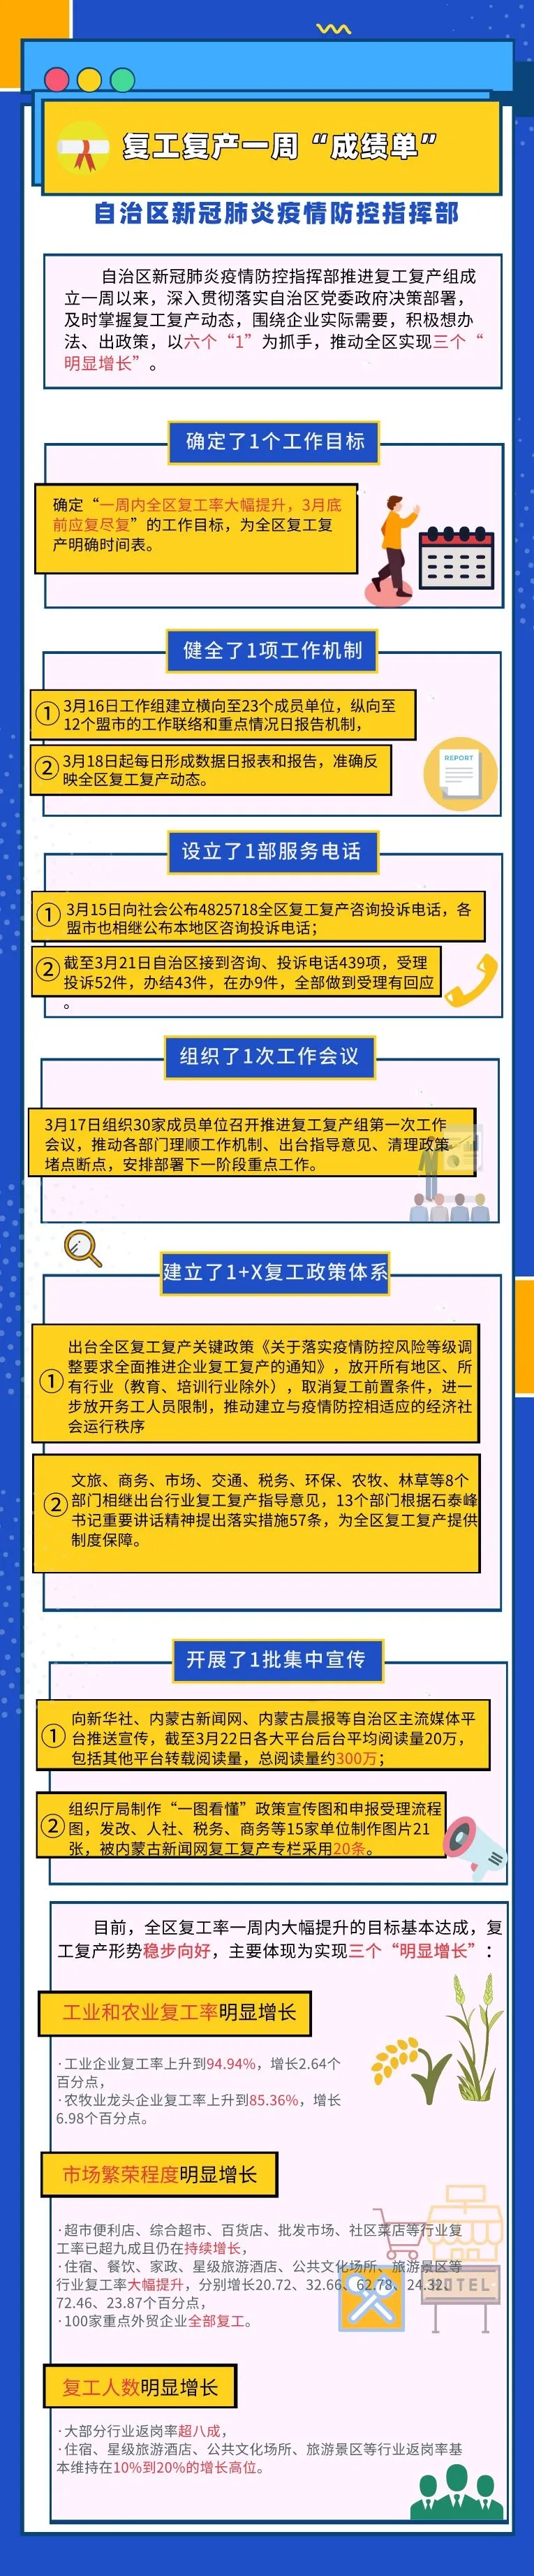 """自治区新冠肺炎疫情防控指挥部复工复产组晒一周""""成绩单""""图片"""